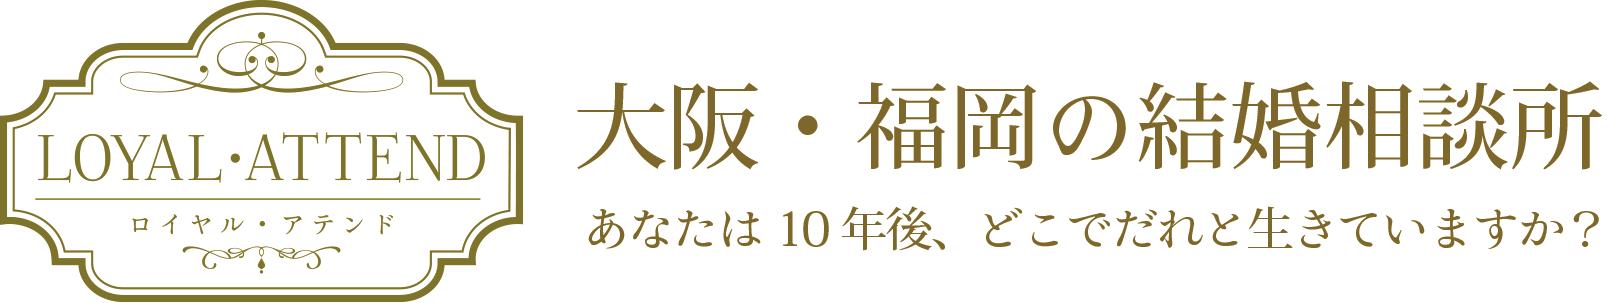 福岡の結婚相談所 ロイヤル・アテンド LOYAL・ATTEND